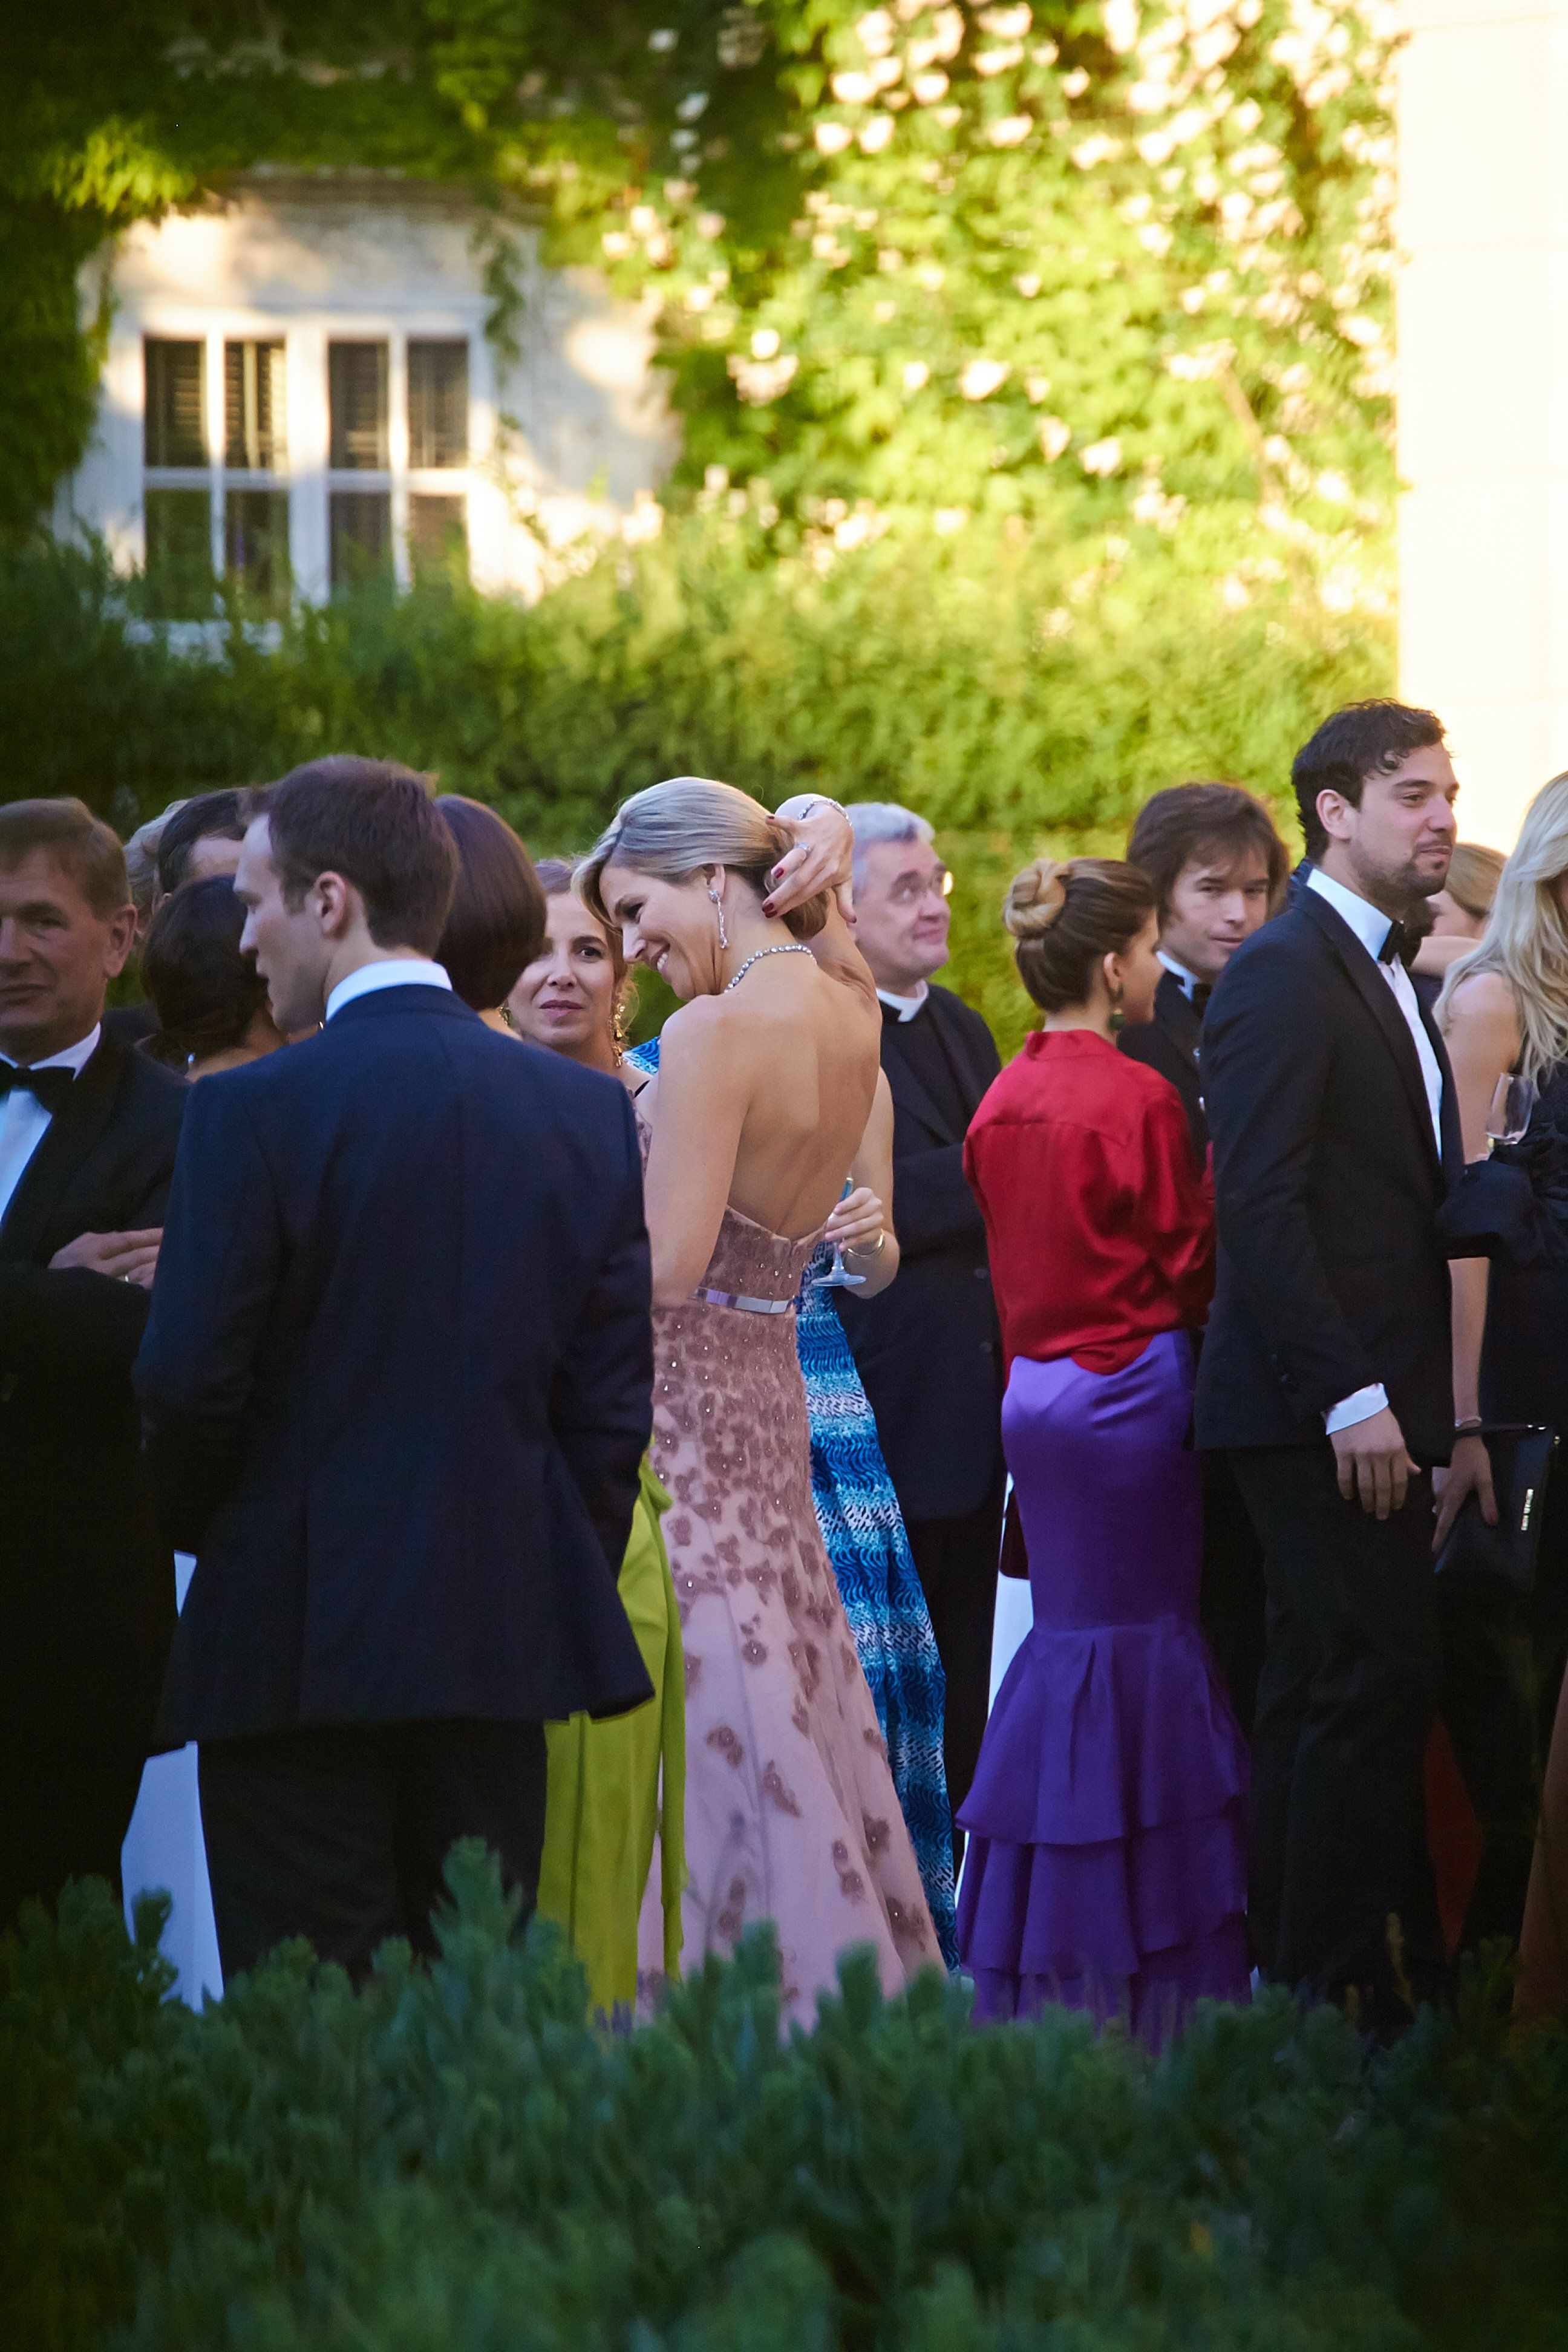 La Familia Real holandesa en la boda de Juan Zorreguieta y Andrea Wolf |  Página 18 | Cotilleando - El mejor foro de cotilleos sobre la realeza y los  famosos